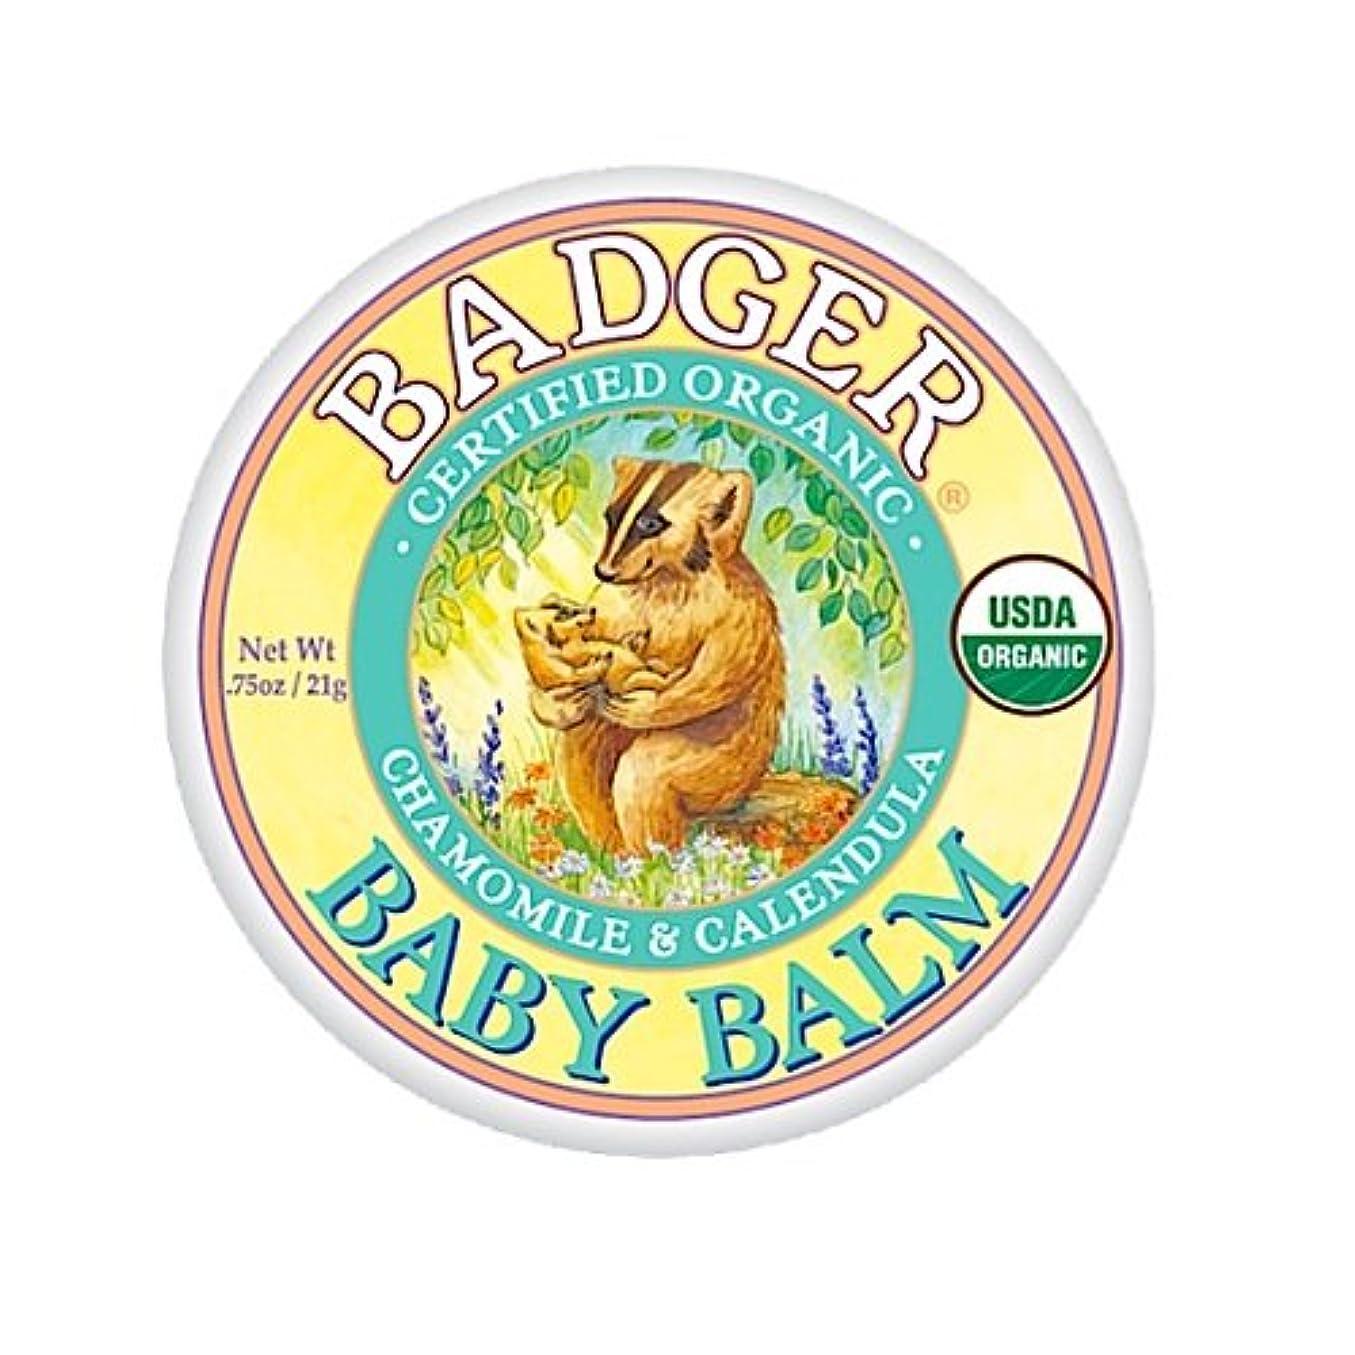 コントラスト整理する計画的Badger バジャー オーガニックベビークリーム カモミール & カレンドラ 21g【海外直送品】【並行輸入品】